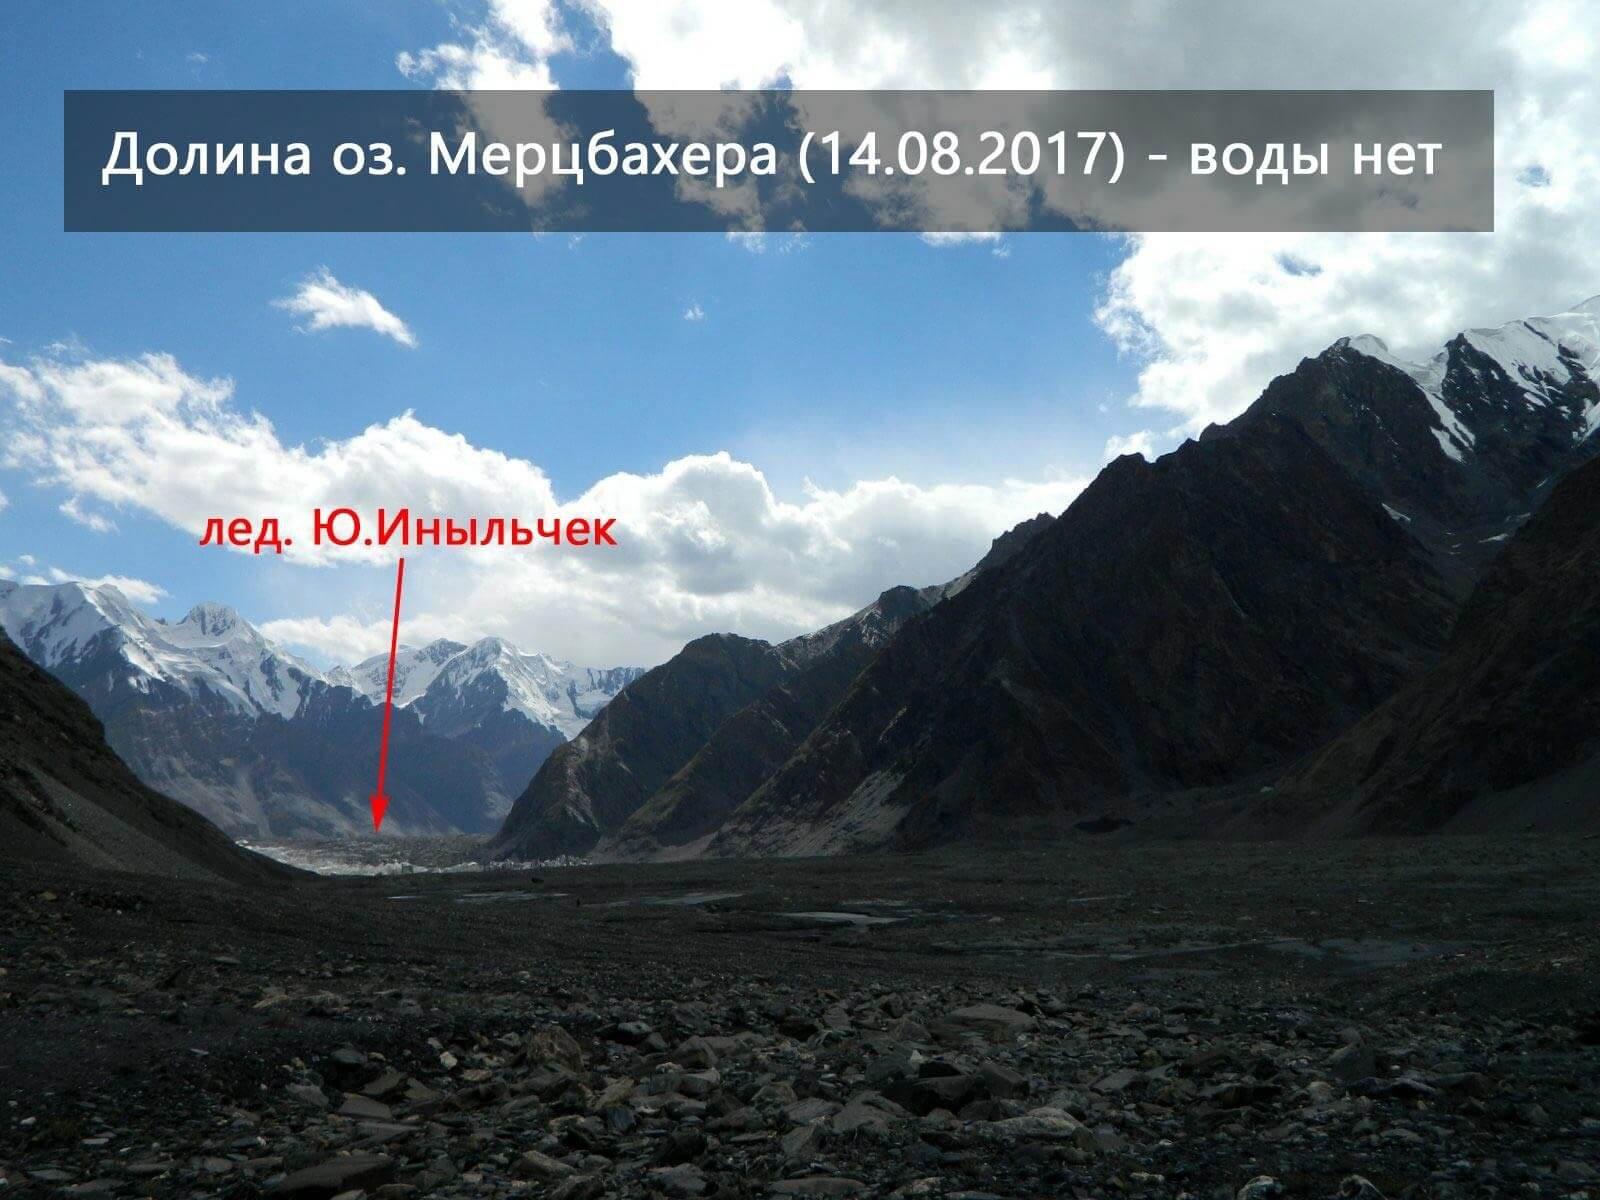 Отчет о прохождении горного маршрута 4 к.с. по Вост. части Ц.Тянь-Шаня